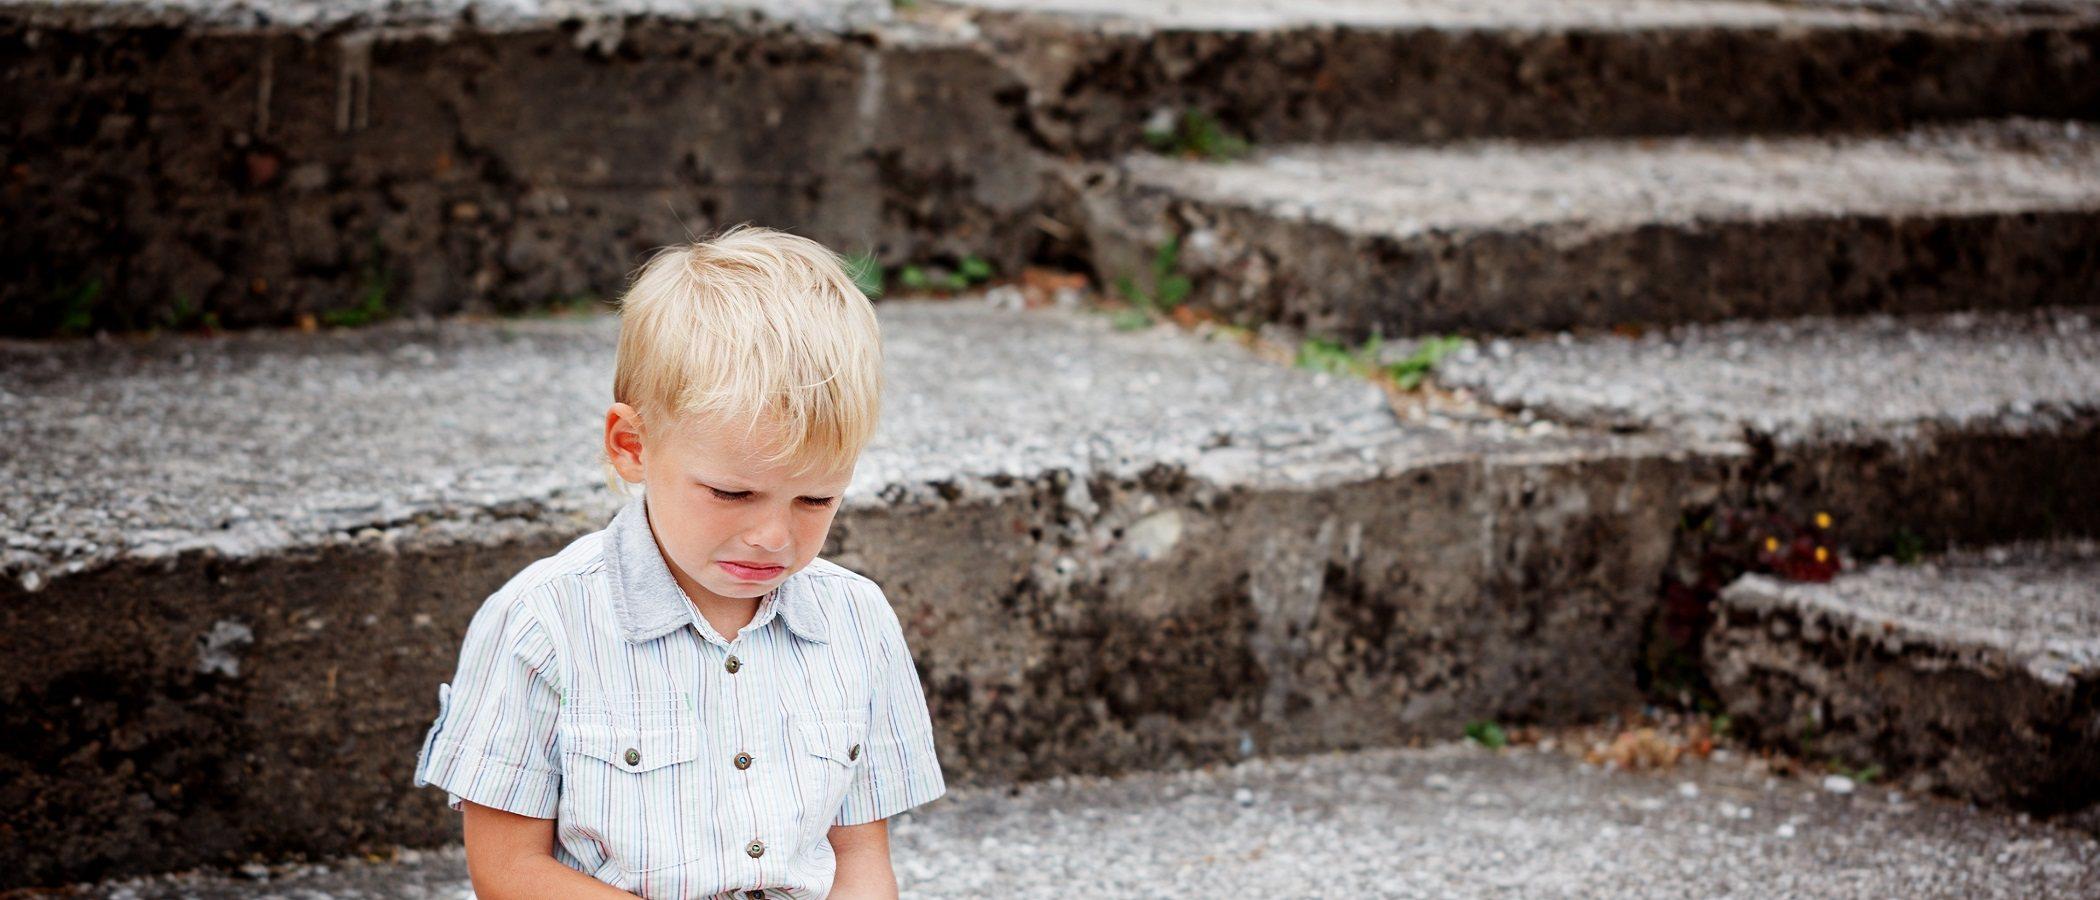 Cómo ayudar a tu hijo si está pasando por una fase de duelo